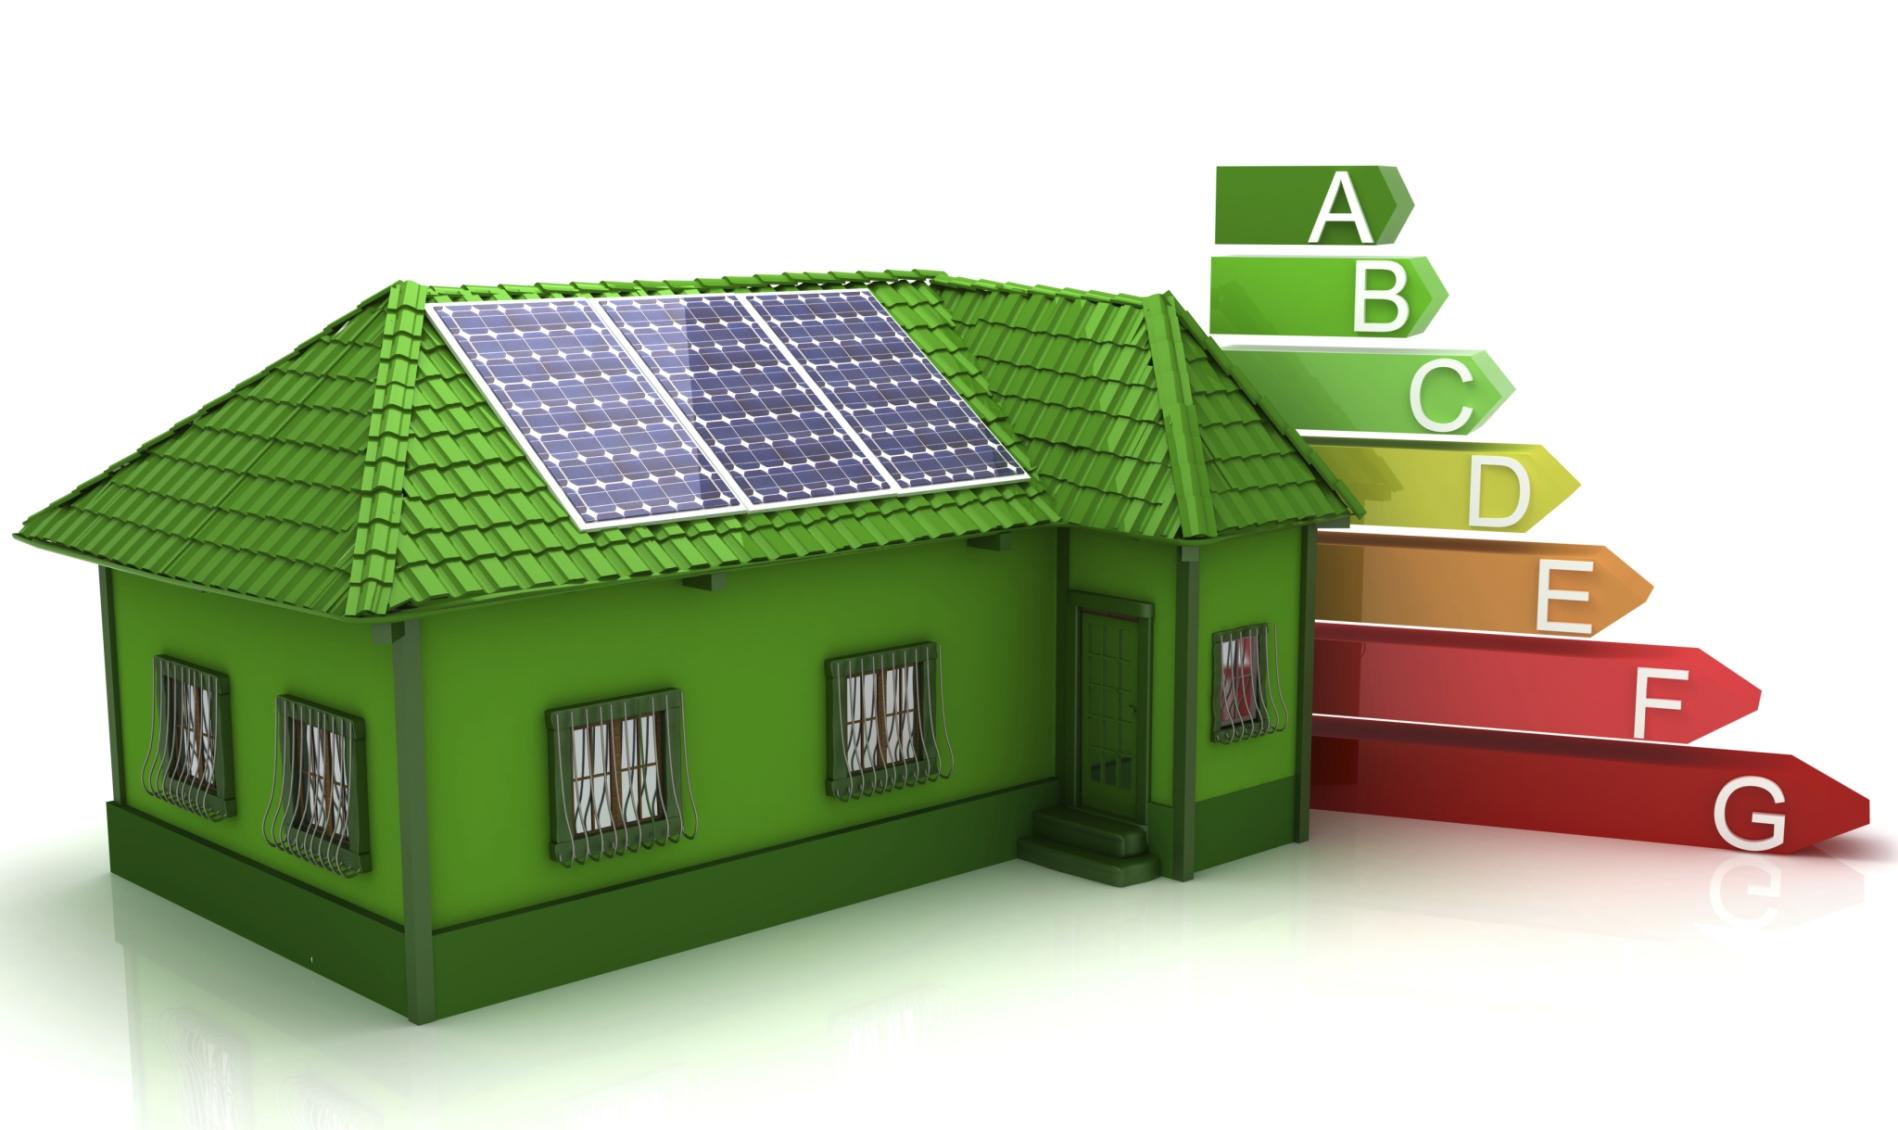 L abc per il risparmio energetico nella casa sistema casa - Risparmio casa milano ...